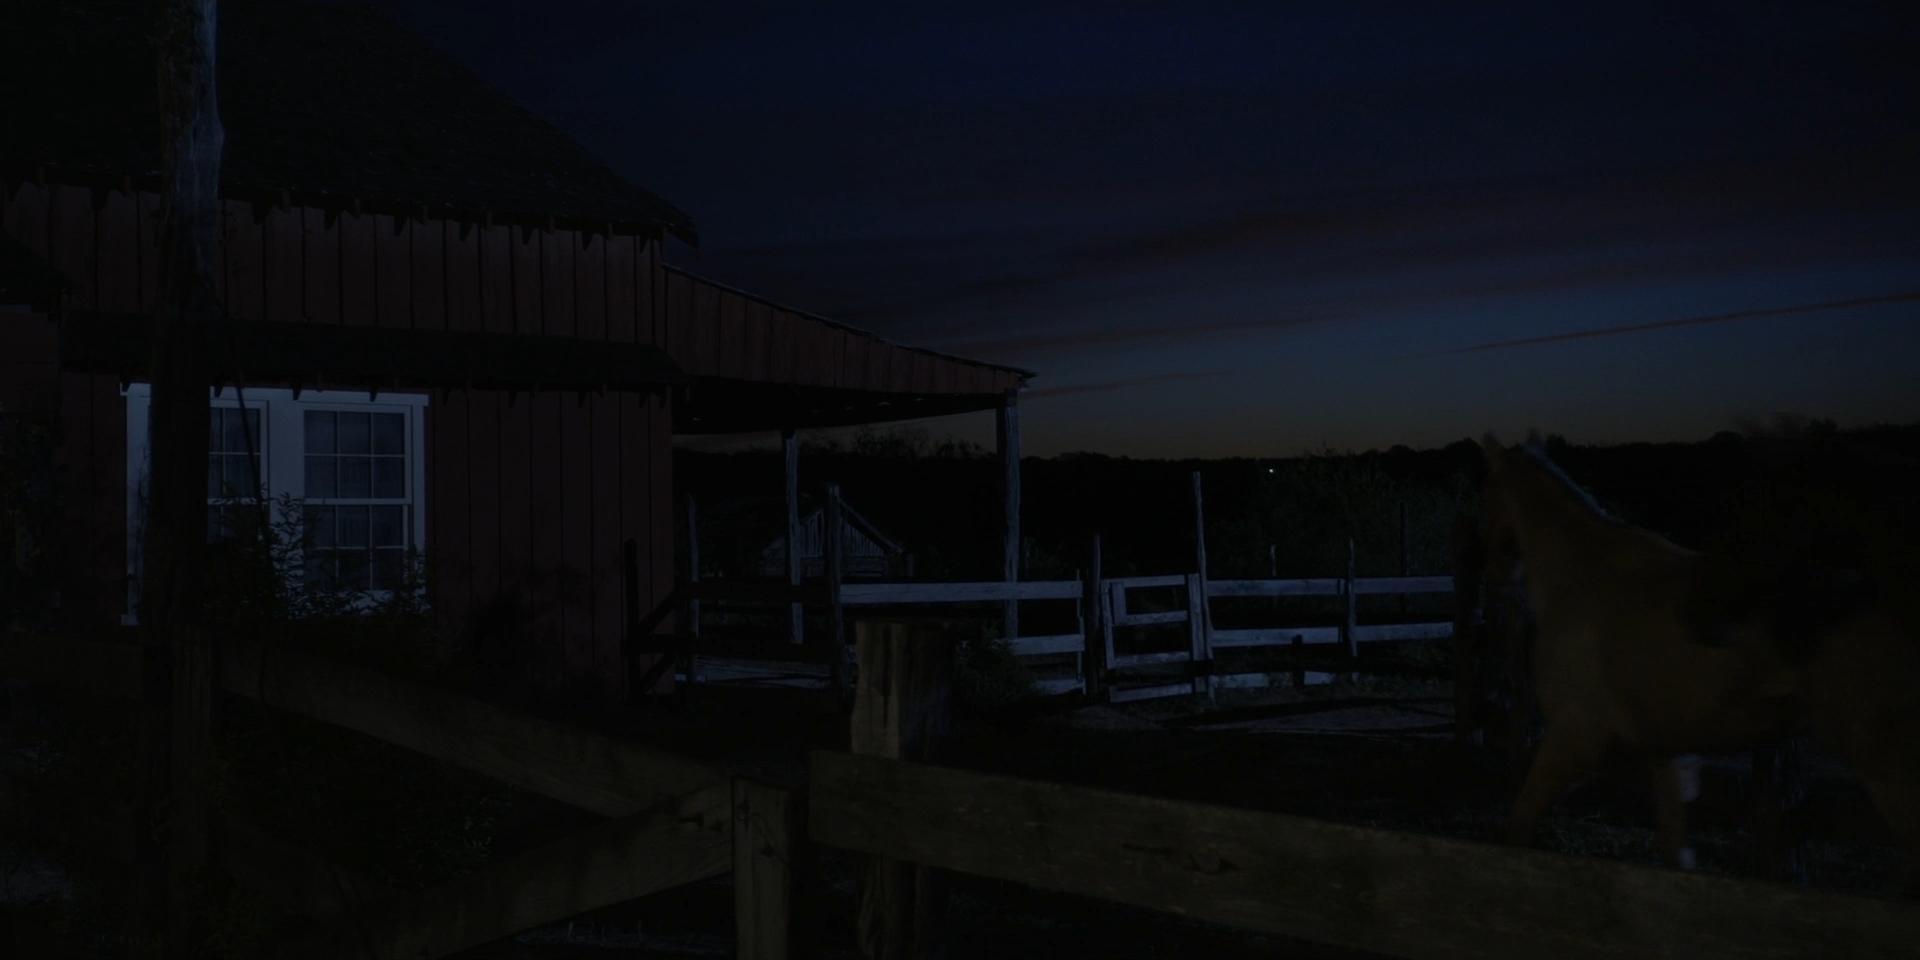 Изображение для Уокер / Walker, Сезон 1, Серия 1-16 из 18 (2021) WEBRip 1080p (кликните для просмотра полного изображения)